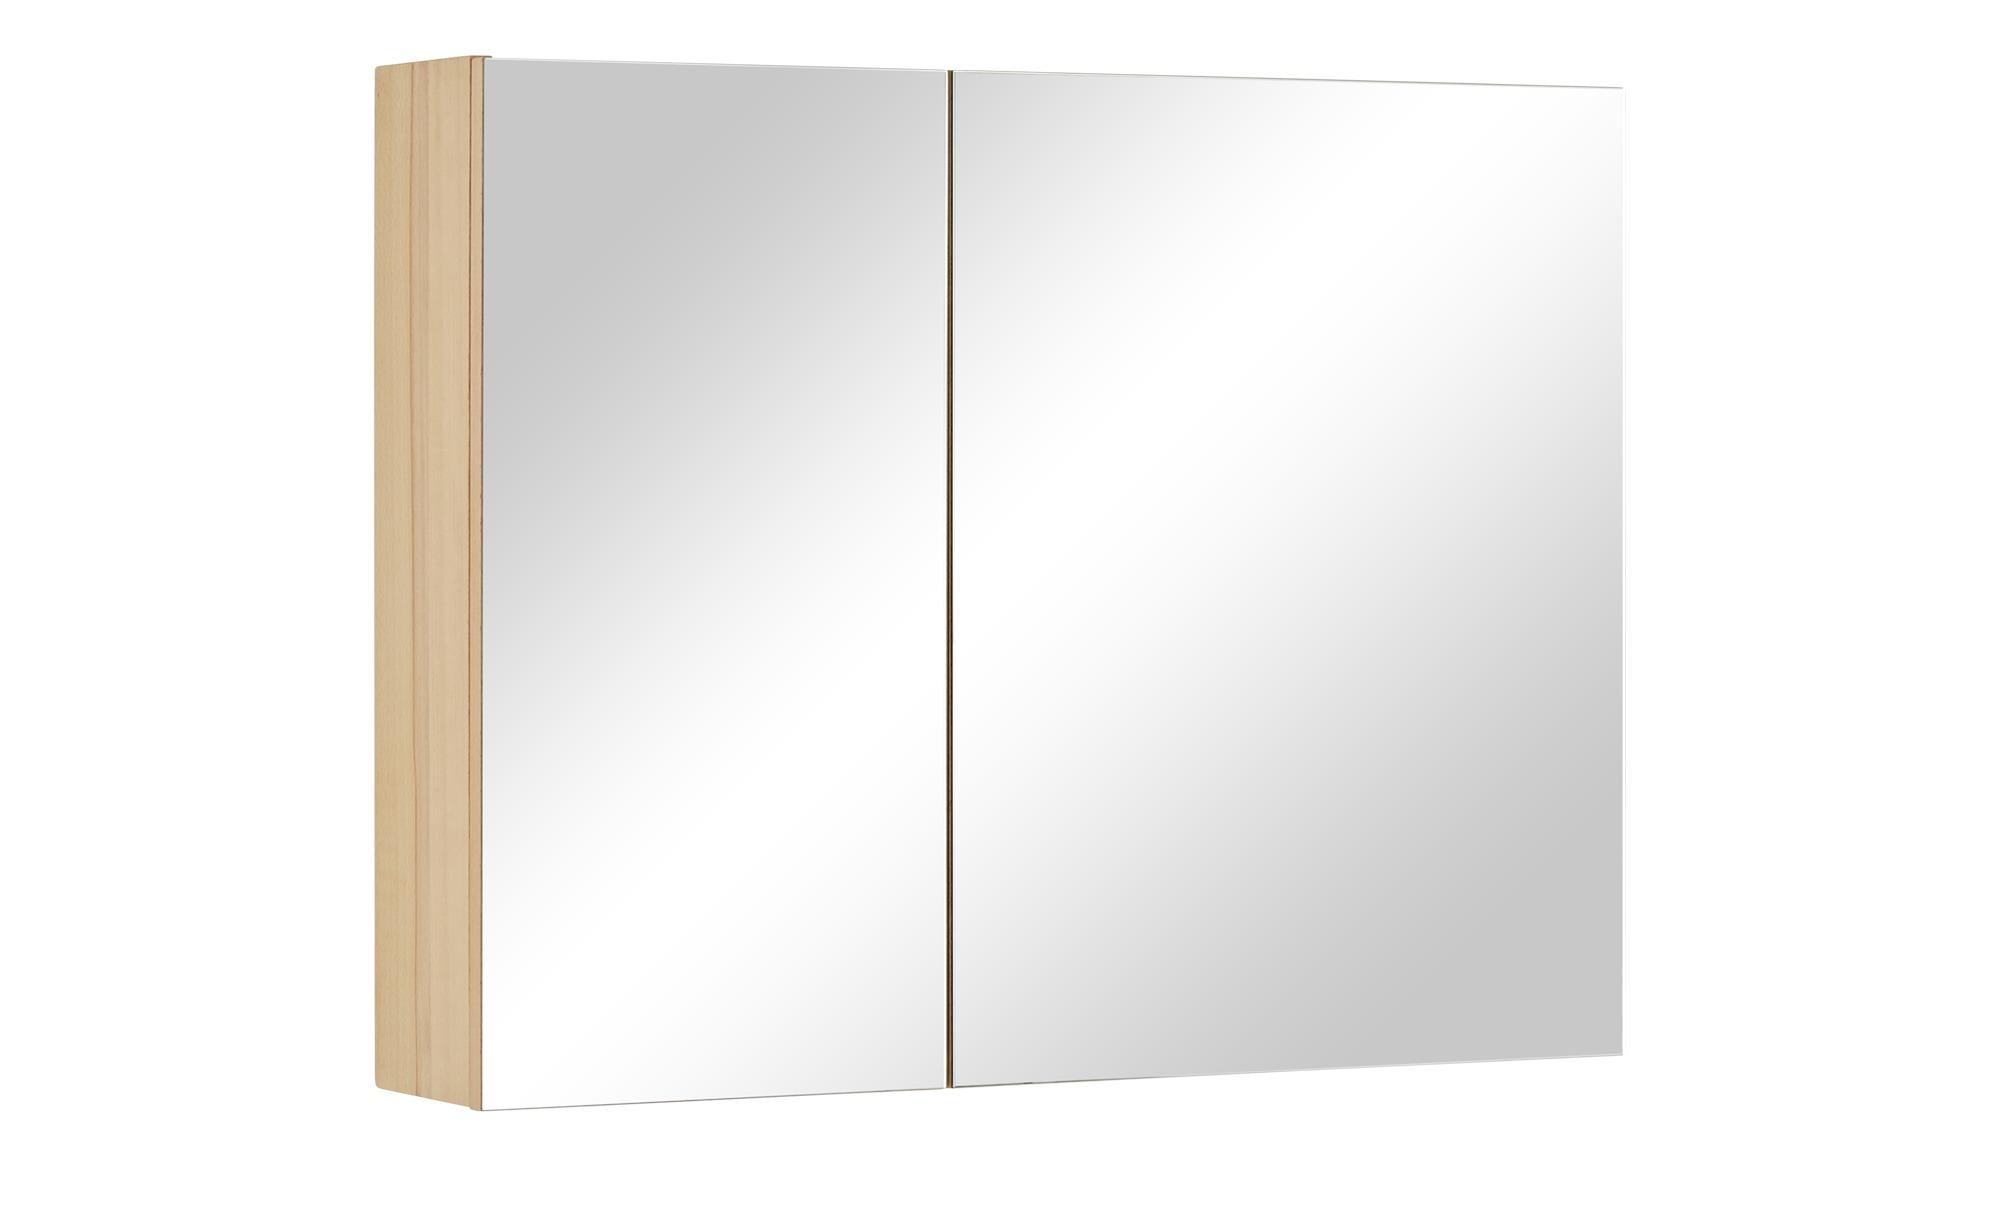 Wohnwert Spiegelschrank  Capri ¦ holzfarben ¦ Maße (cm): B: 90 H: 70 T: 18 Schränke > Badschränke > Spiegelschränke - Höffner   Bad > Badmöbel   Möbel Höffner DE